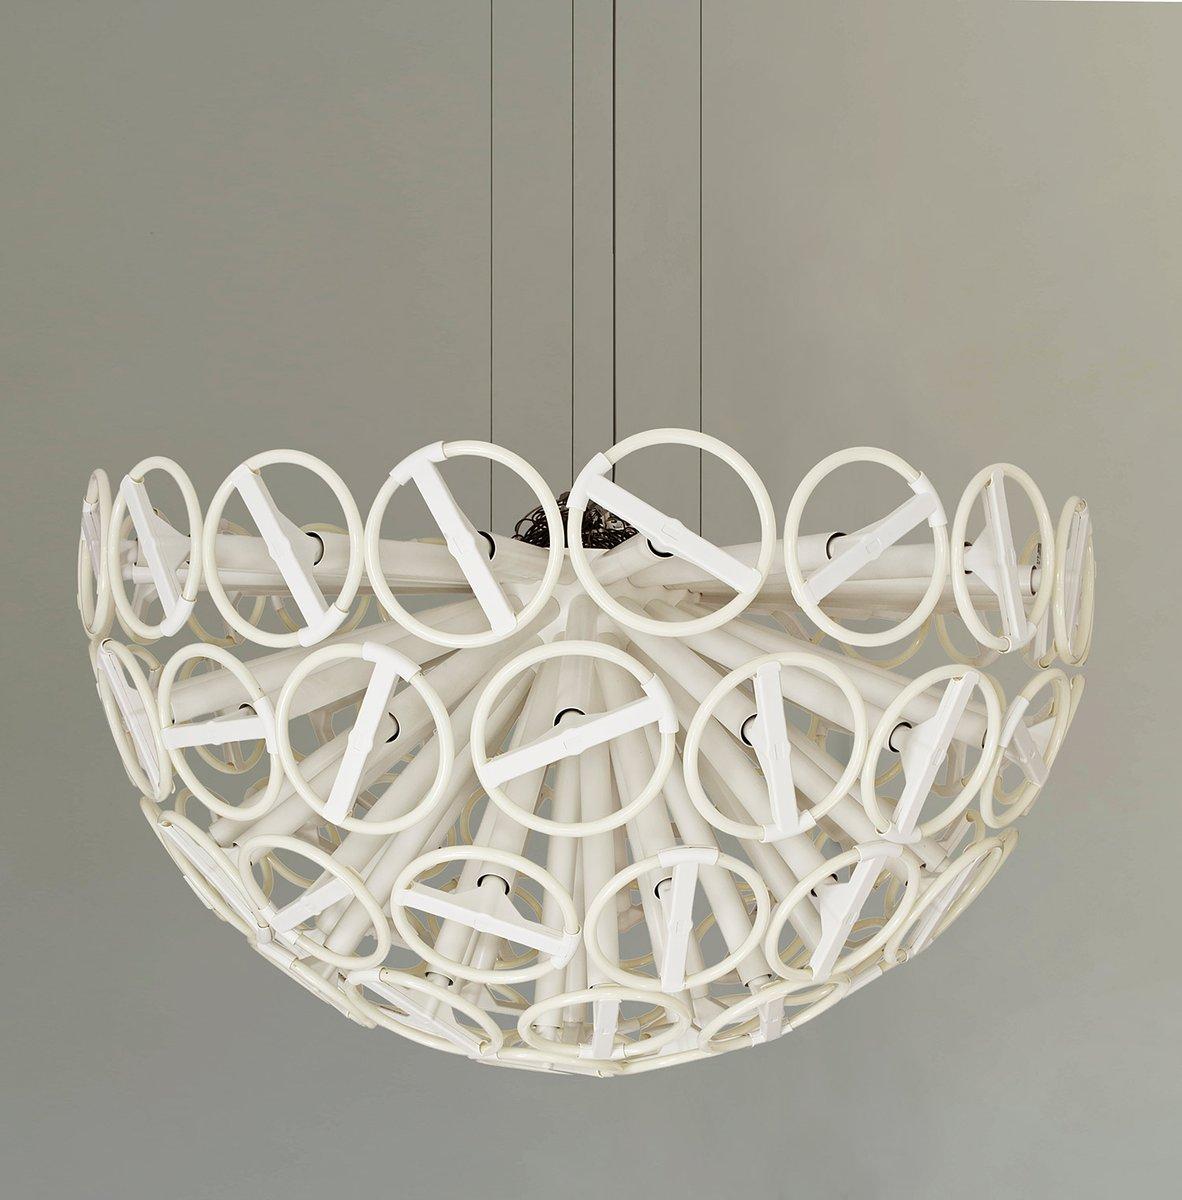 Calmares I Lampe von Tom Strala, 2010